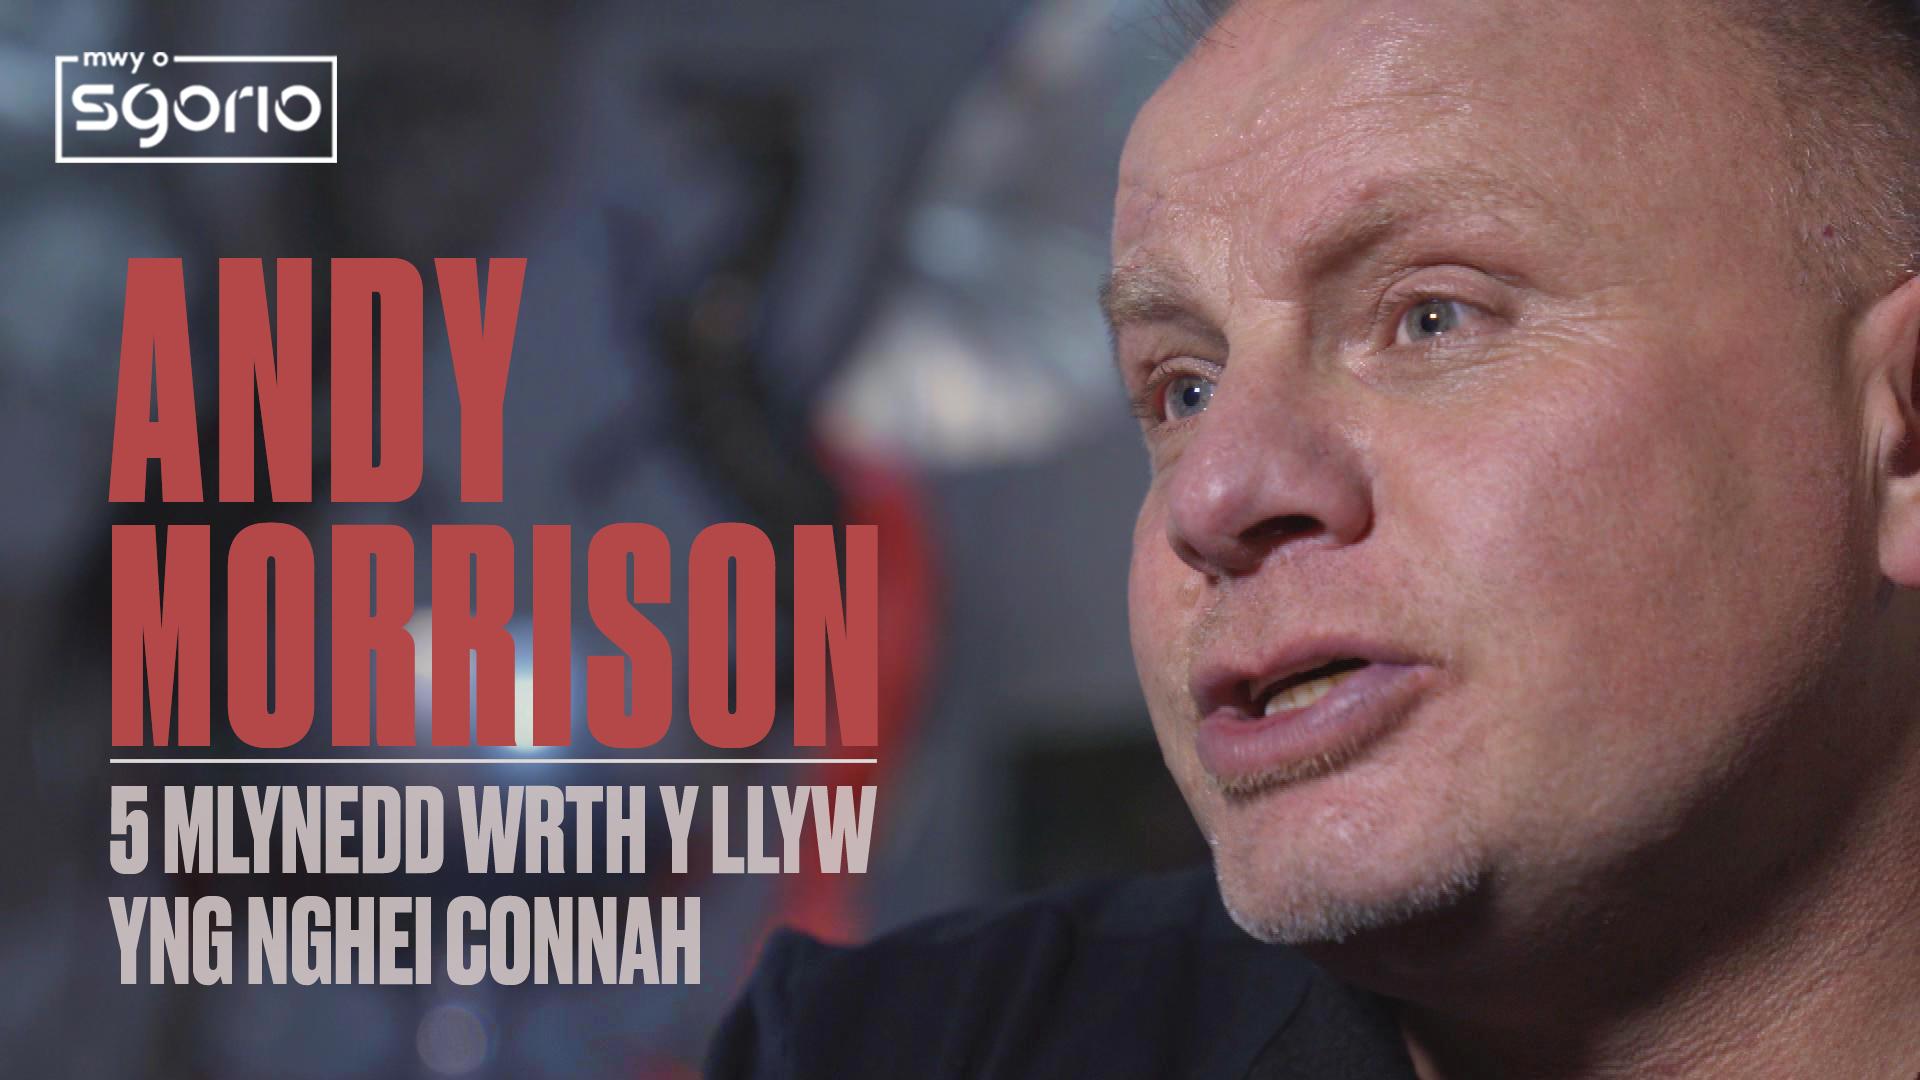 Andy Morrison: 5 mlynedd wrth y llyw yng Nghei Connah